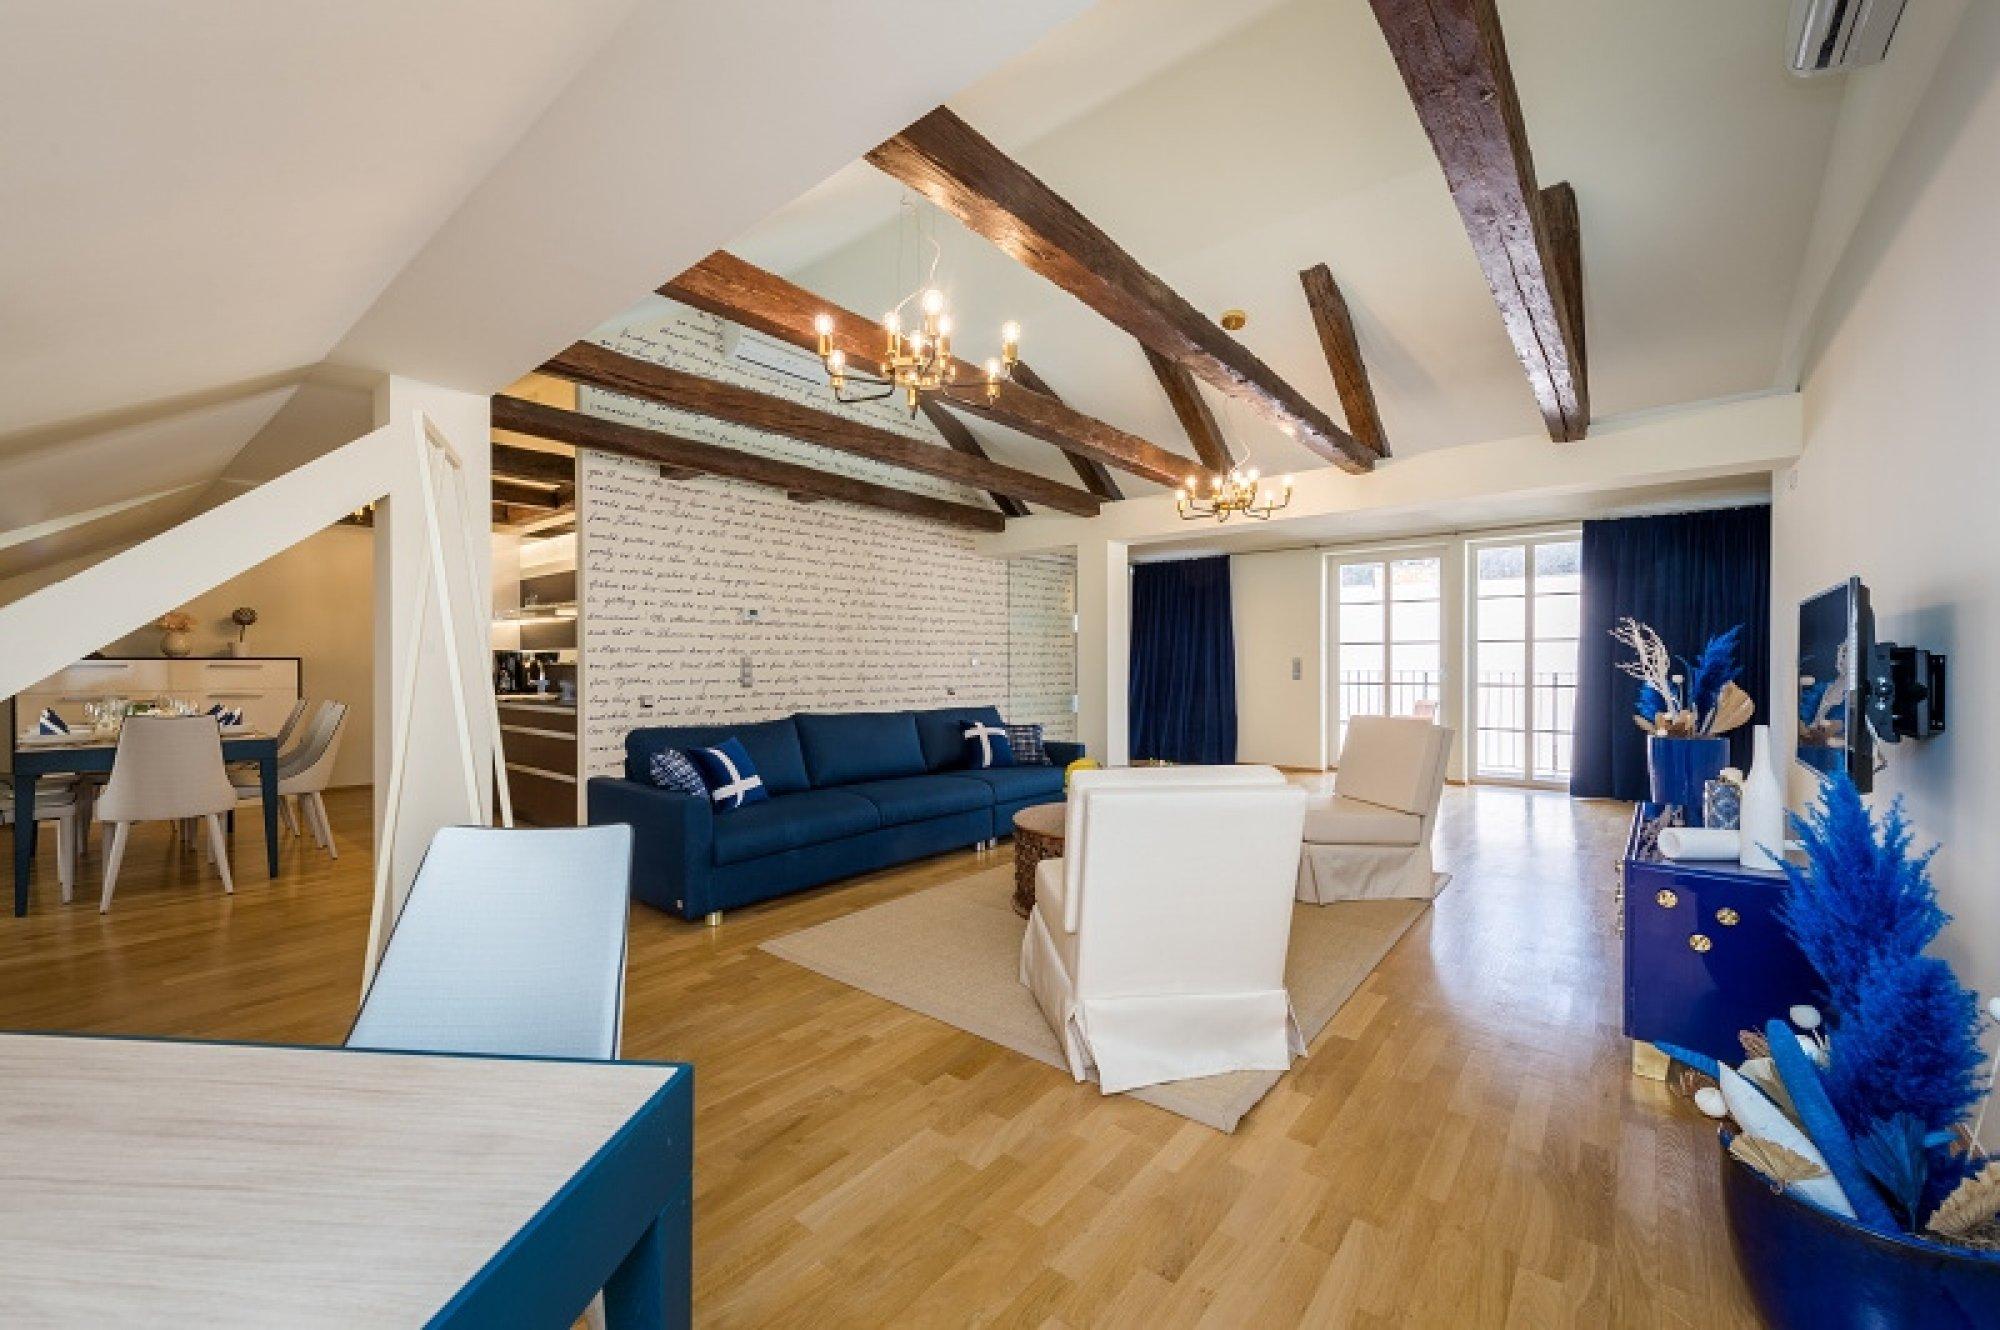 Půdní byt 4+kk, plocha 213 m², ulice Vítězná, Praha 1 - Malá Strana | 1